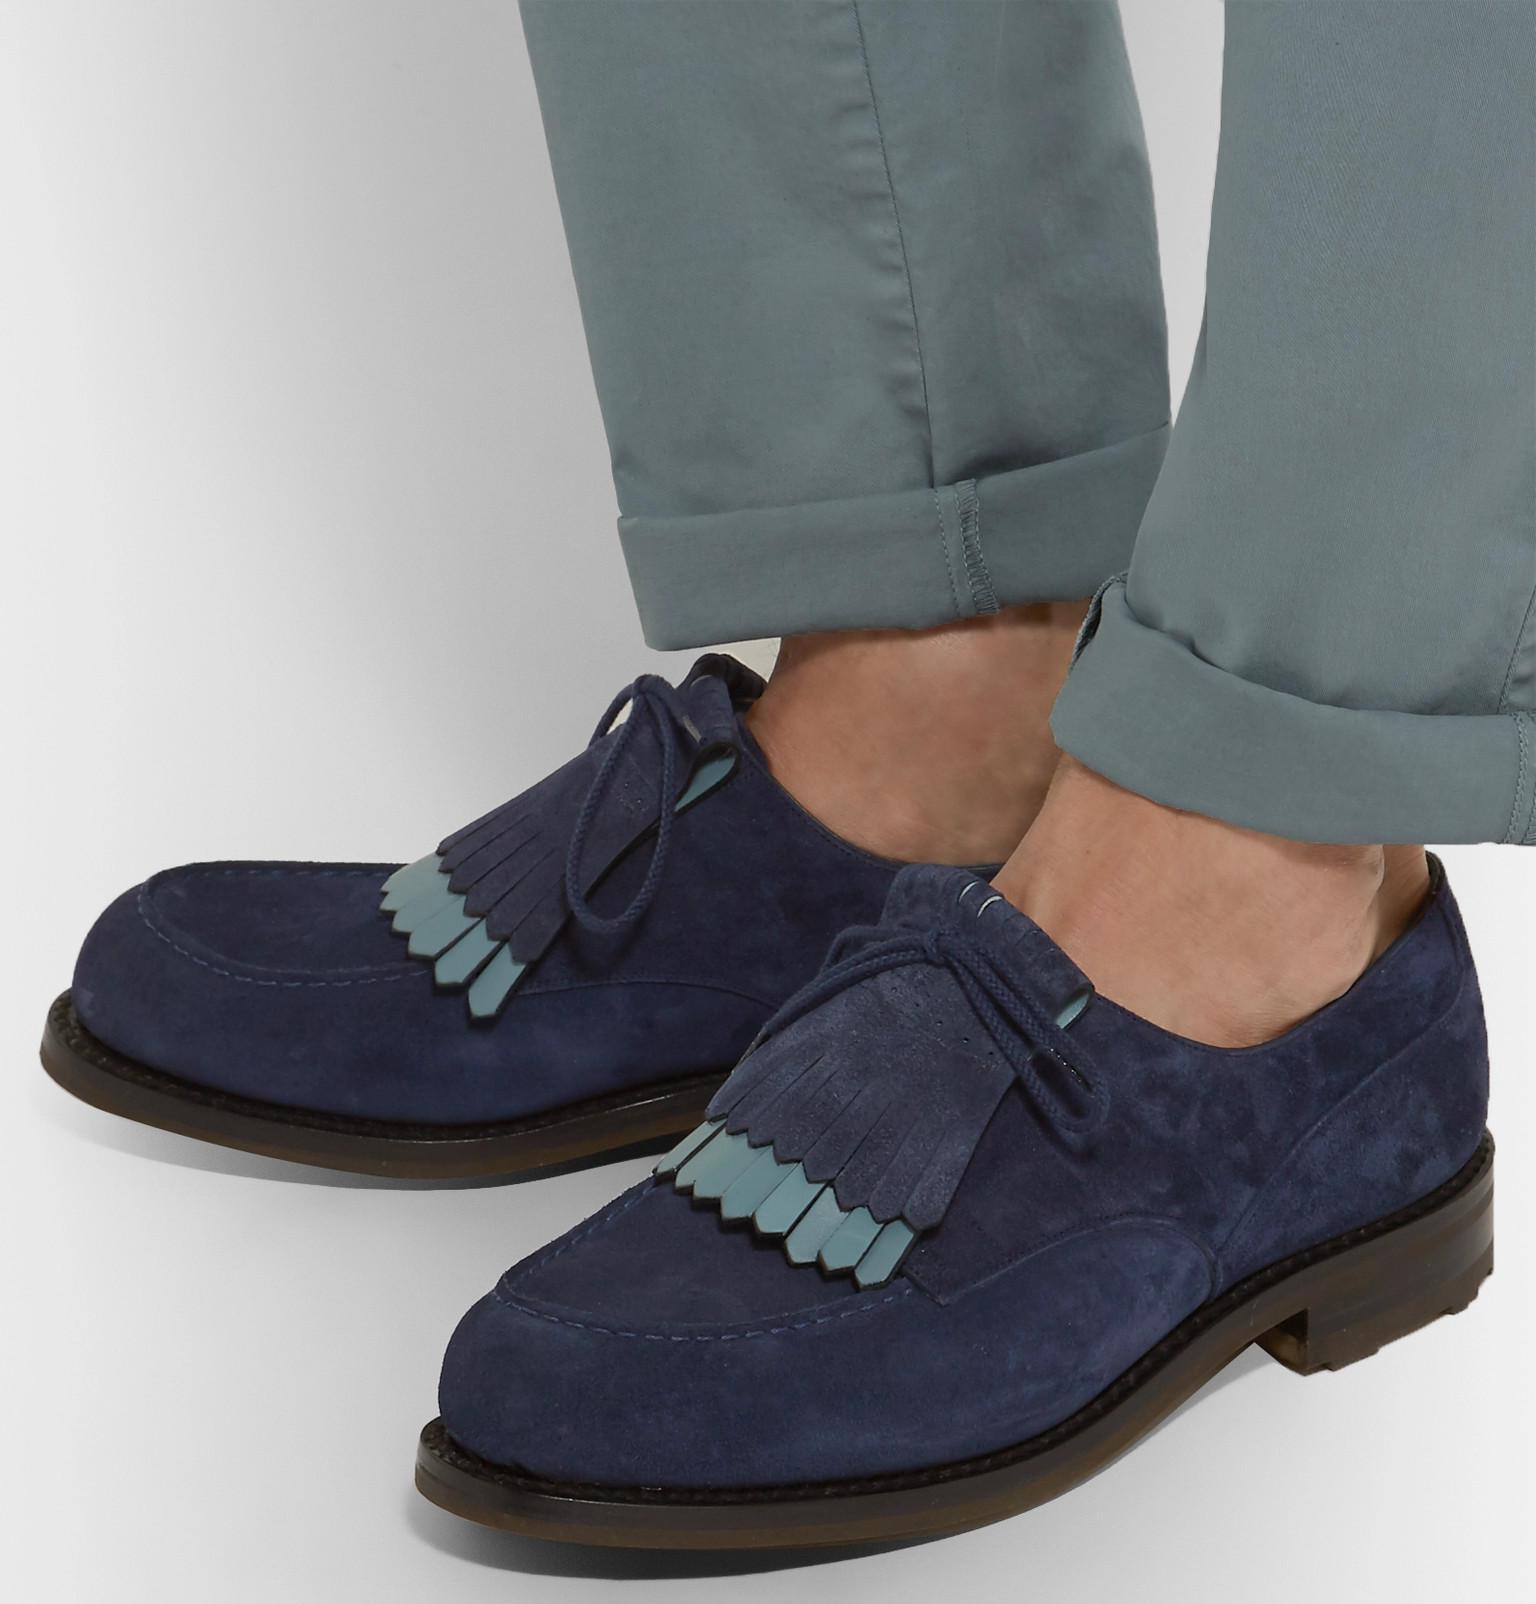 promo code 4b127 1ceba http://maneuver.chaussures-securite-mardon.com/cryogenics ...